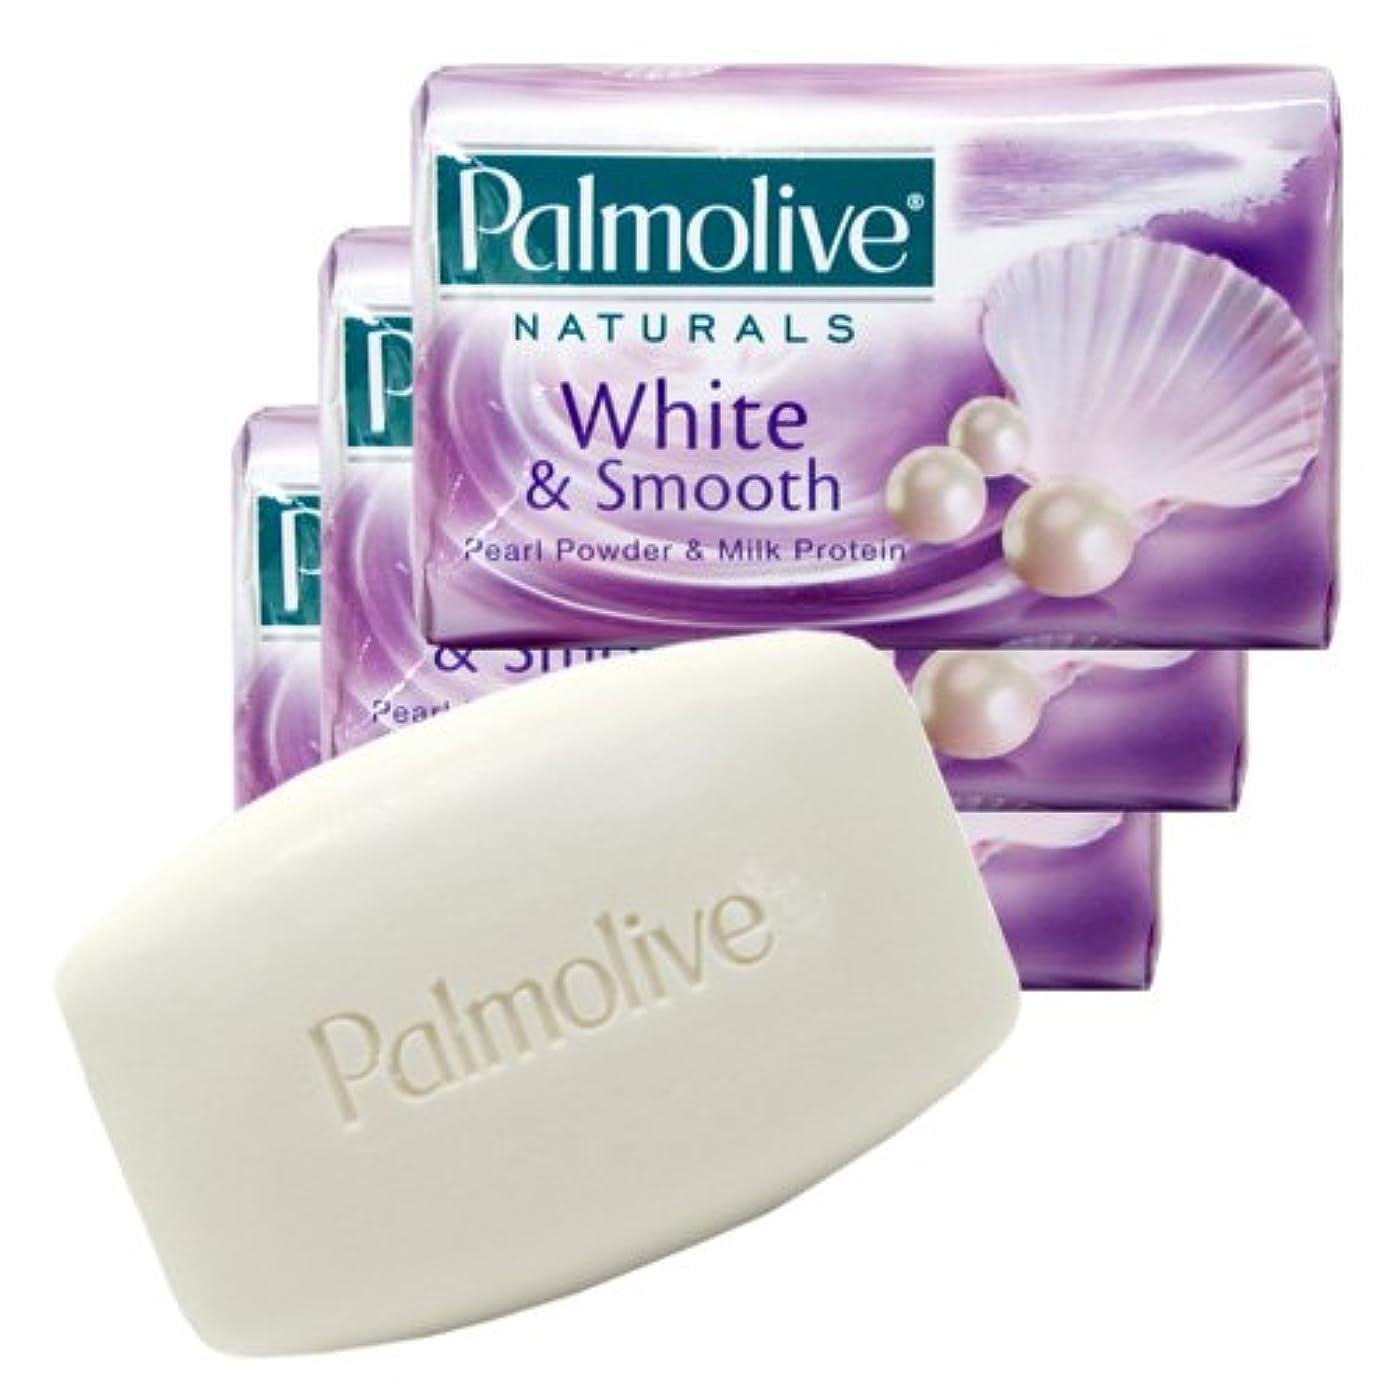 エジプトスーツテレックス【Palmolive】パルモリーブ ナチュラルズ石鹸3個パック ホワイト&スムース(パールパウダー&ミルクプロテイン)80g×3